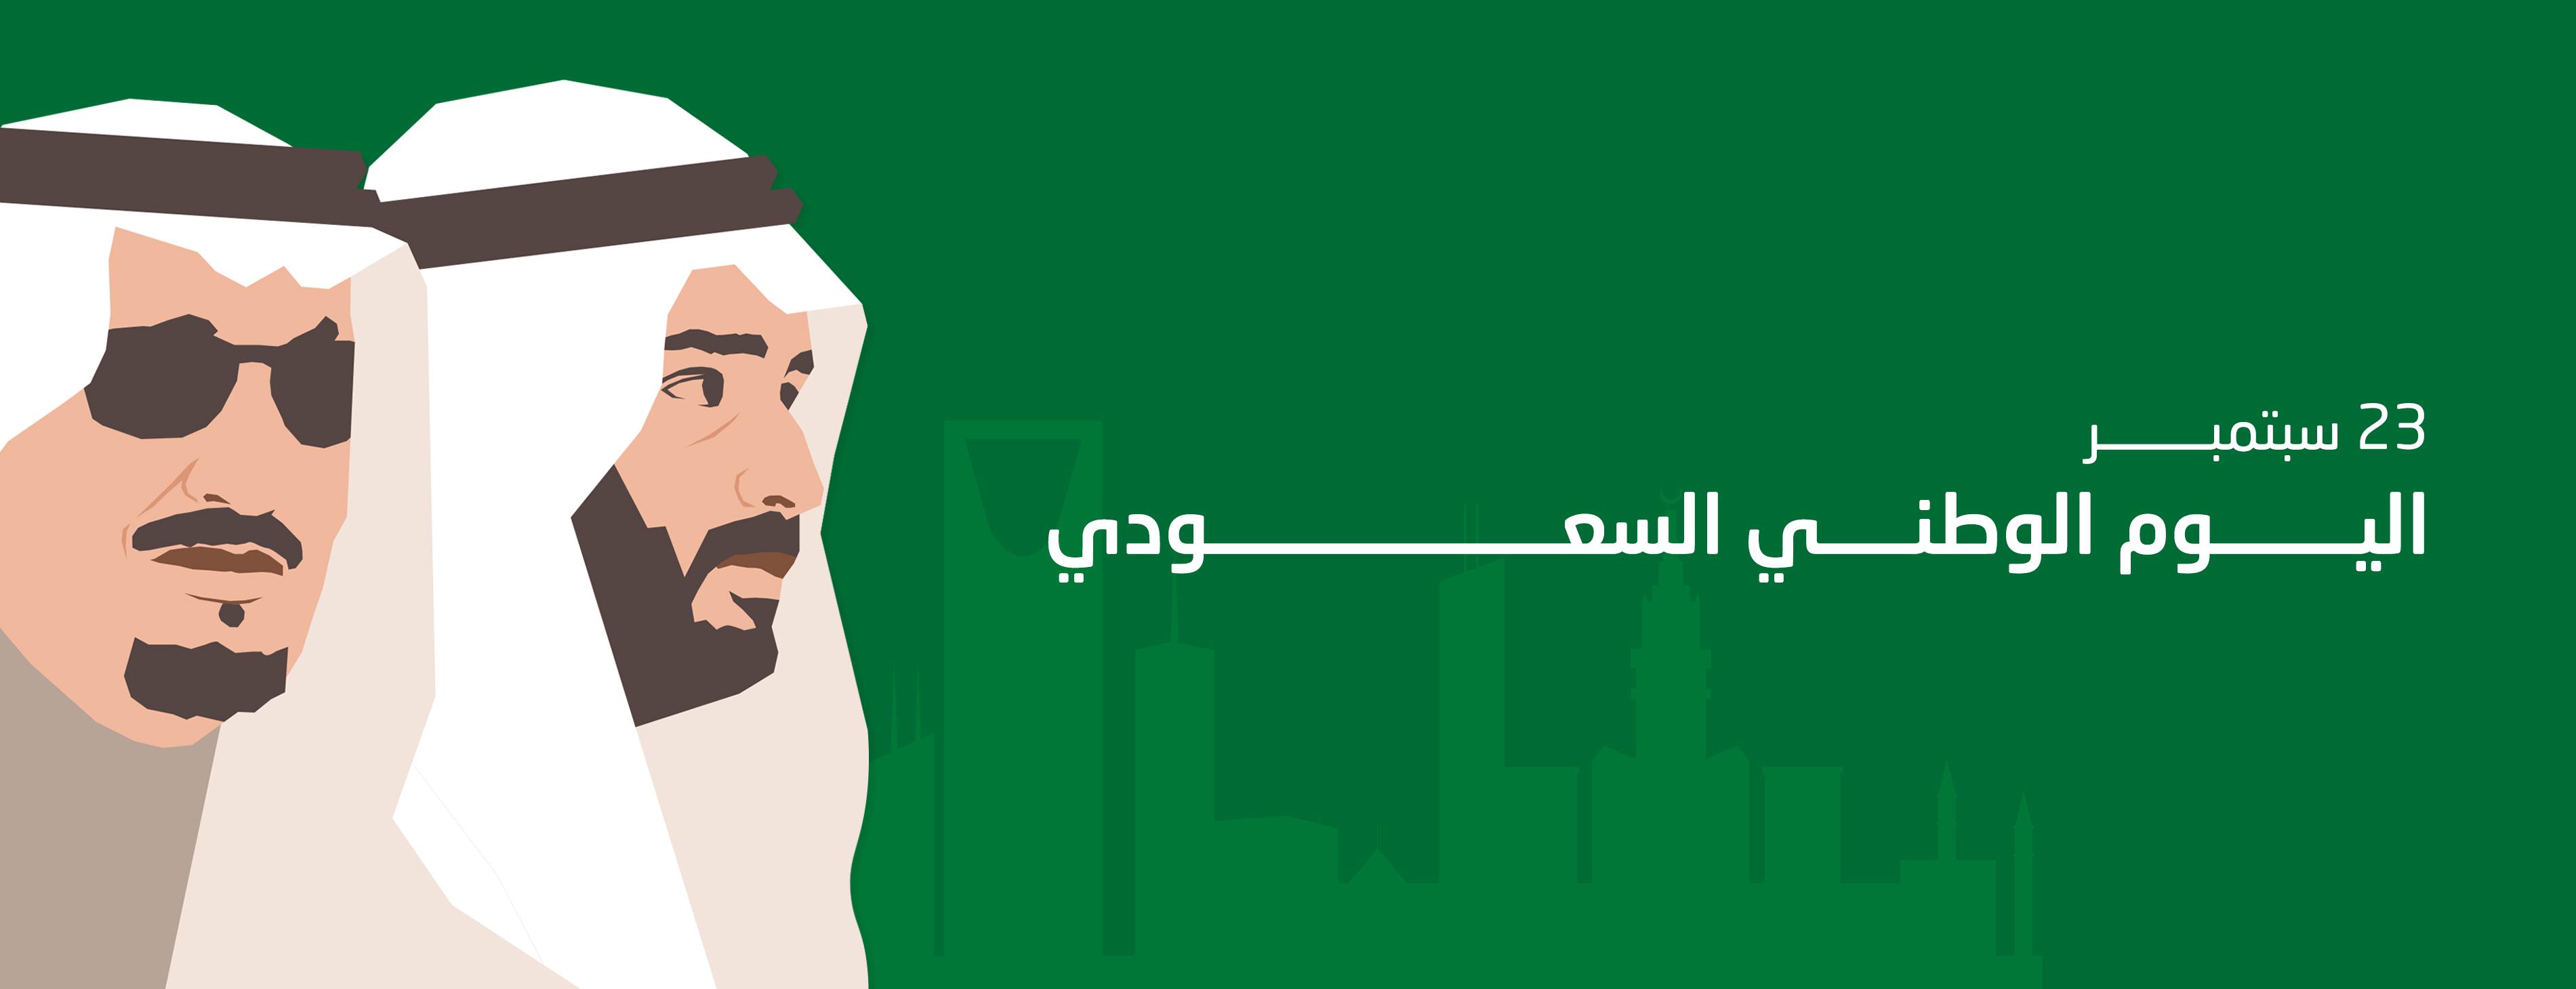 اليوم الوطني السعودي